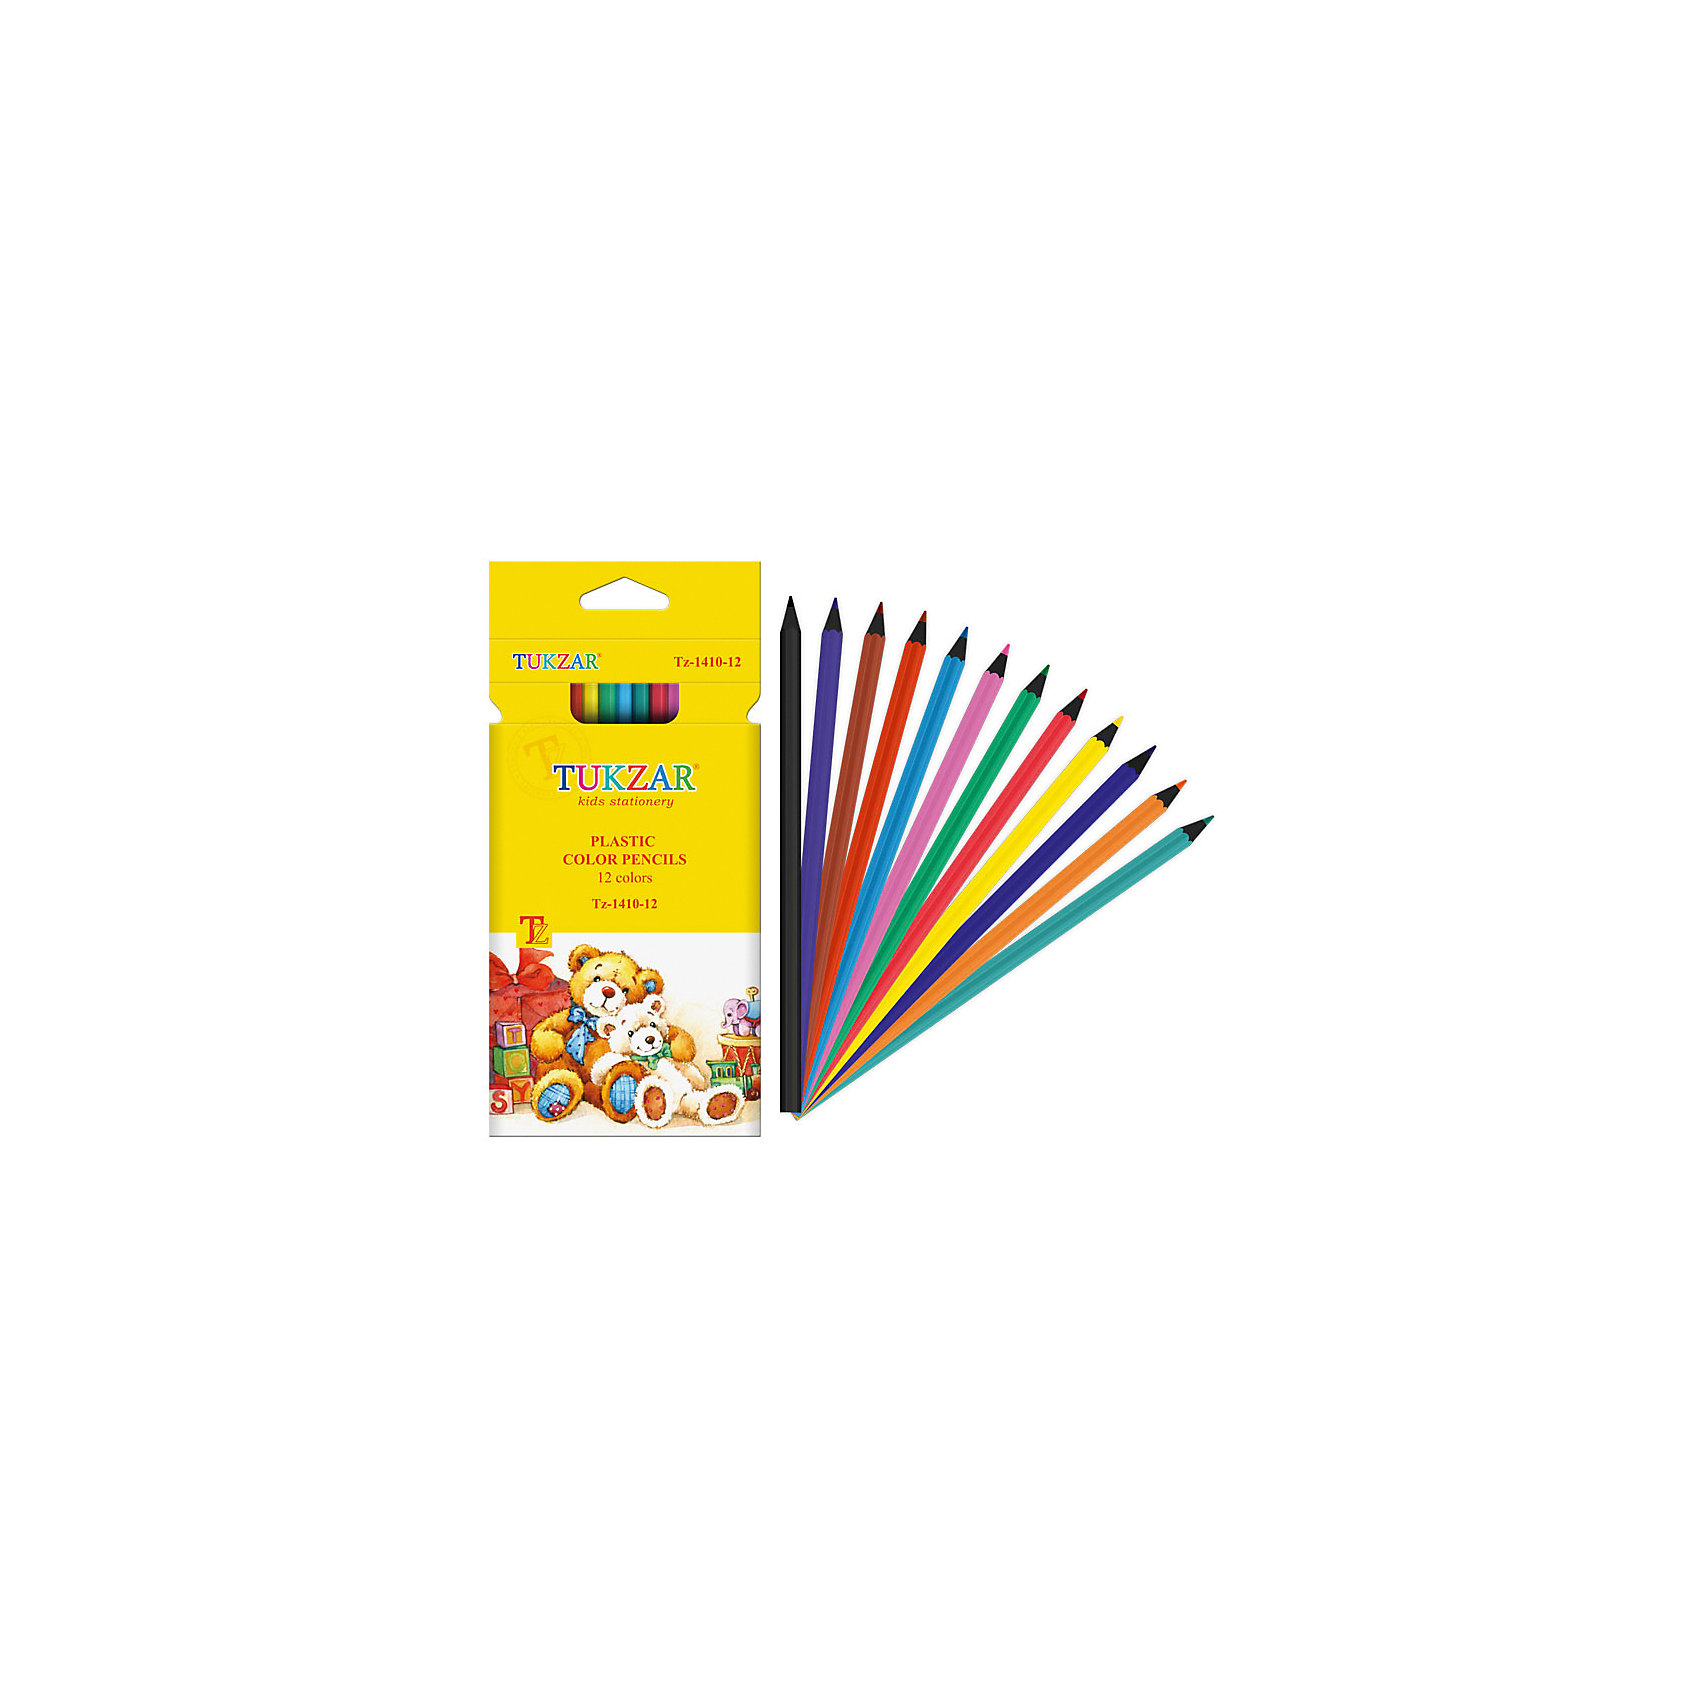 Цветные карандаши 12 цветовЦветные карандаши - прекрасный вариант для детского творчества. Карандаши в пластиковом корпусе легко затачиваются, высококачественный прочный грифель не ломается, устойчив к деформации. Рисование - неотъемлемая часть гармоничного развития личности ребенка, в процессе которого воспитывается эстетическое восприятие и вкус, тренируется моторика, развивается цветовосприятие и фантазия. <br><br>Дополнительная информация:<br><br>- 12 цветов.<br>- Материал корпуса: пластик.<br>- Размер упаковки: 20х10 см.<br>- Легко затачиваются.<br>- Прочный грифель, устойчивый к деформации.<br><br>Цветные карандаши, 12 цветов, можно купить в нашем магазине.<br><br>Ширина мм: 200<br>Глубина мм: 100<br>Высота мм: 10<br>Вес г: 101<br>Возраст от месяцев: 36<br>Возраст до месяцев: 120<br>Пол: Унисекс<br>Возраст: Детский<br>SKU: 4558390